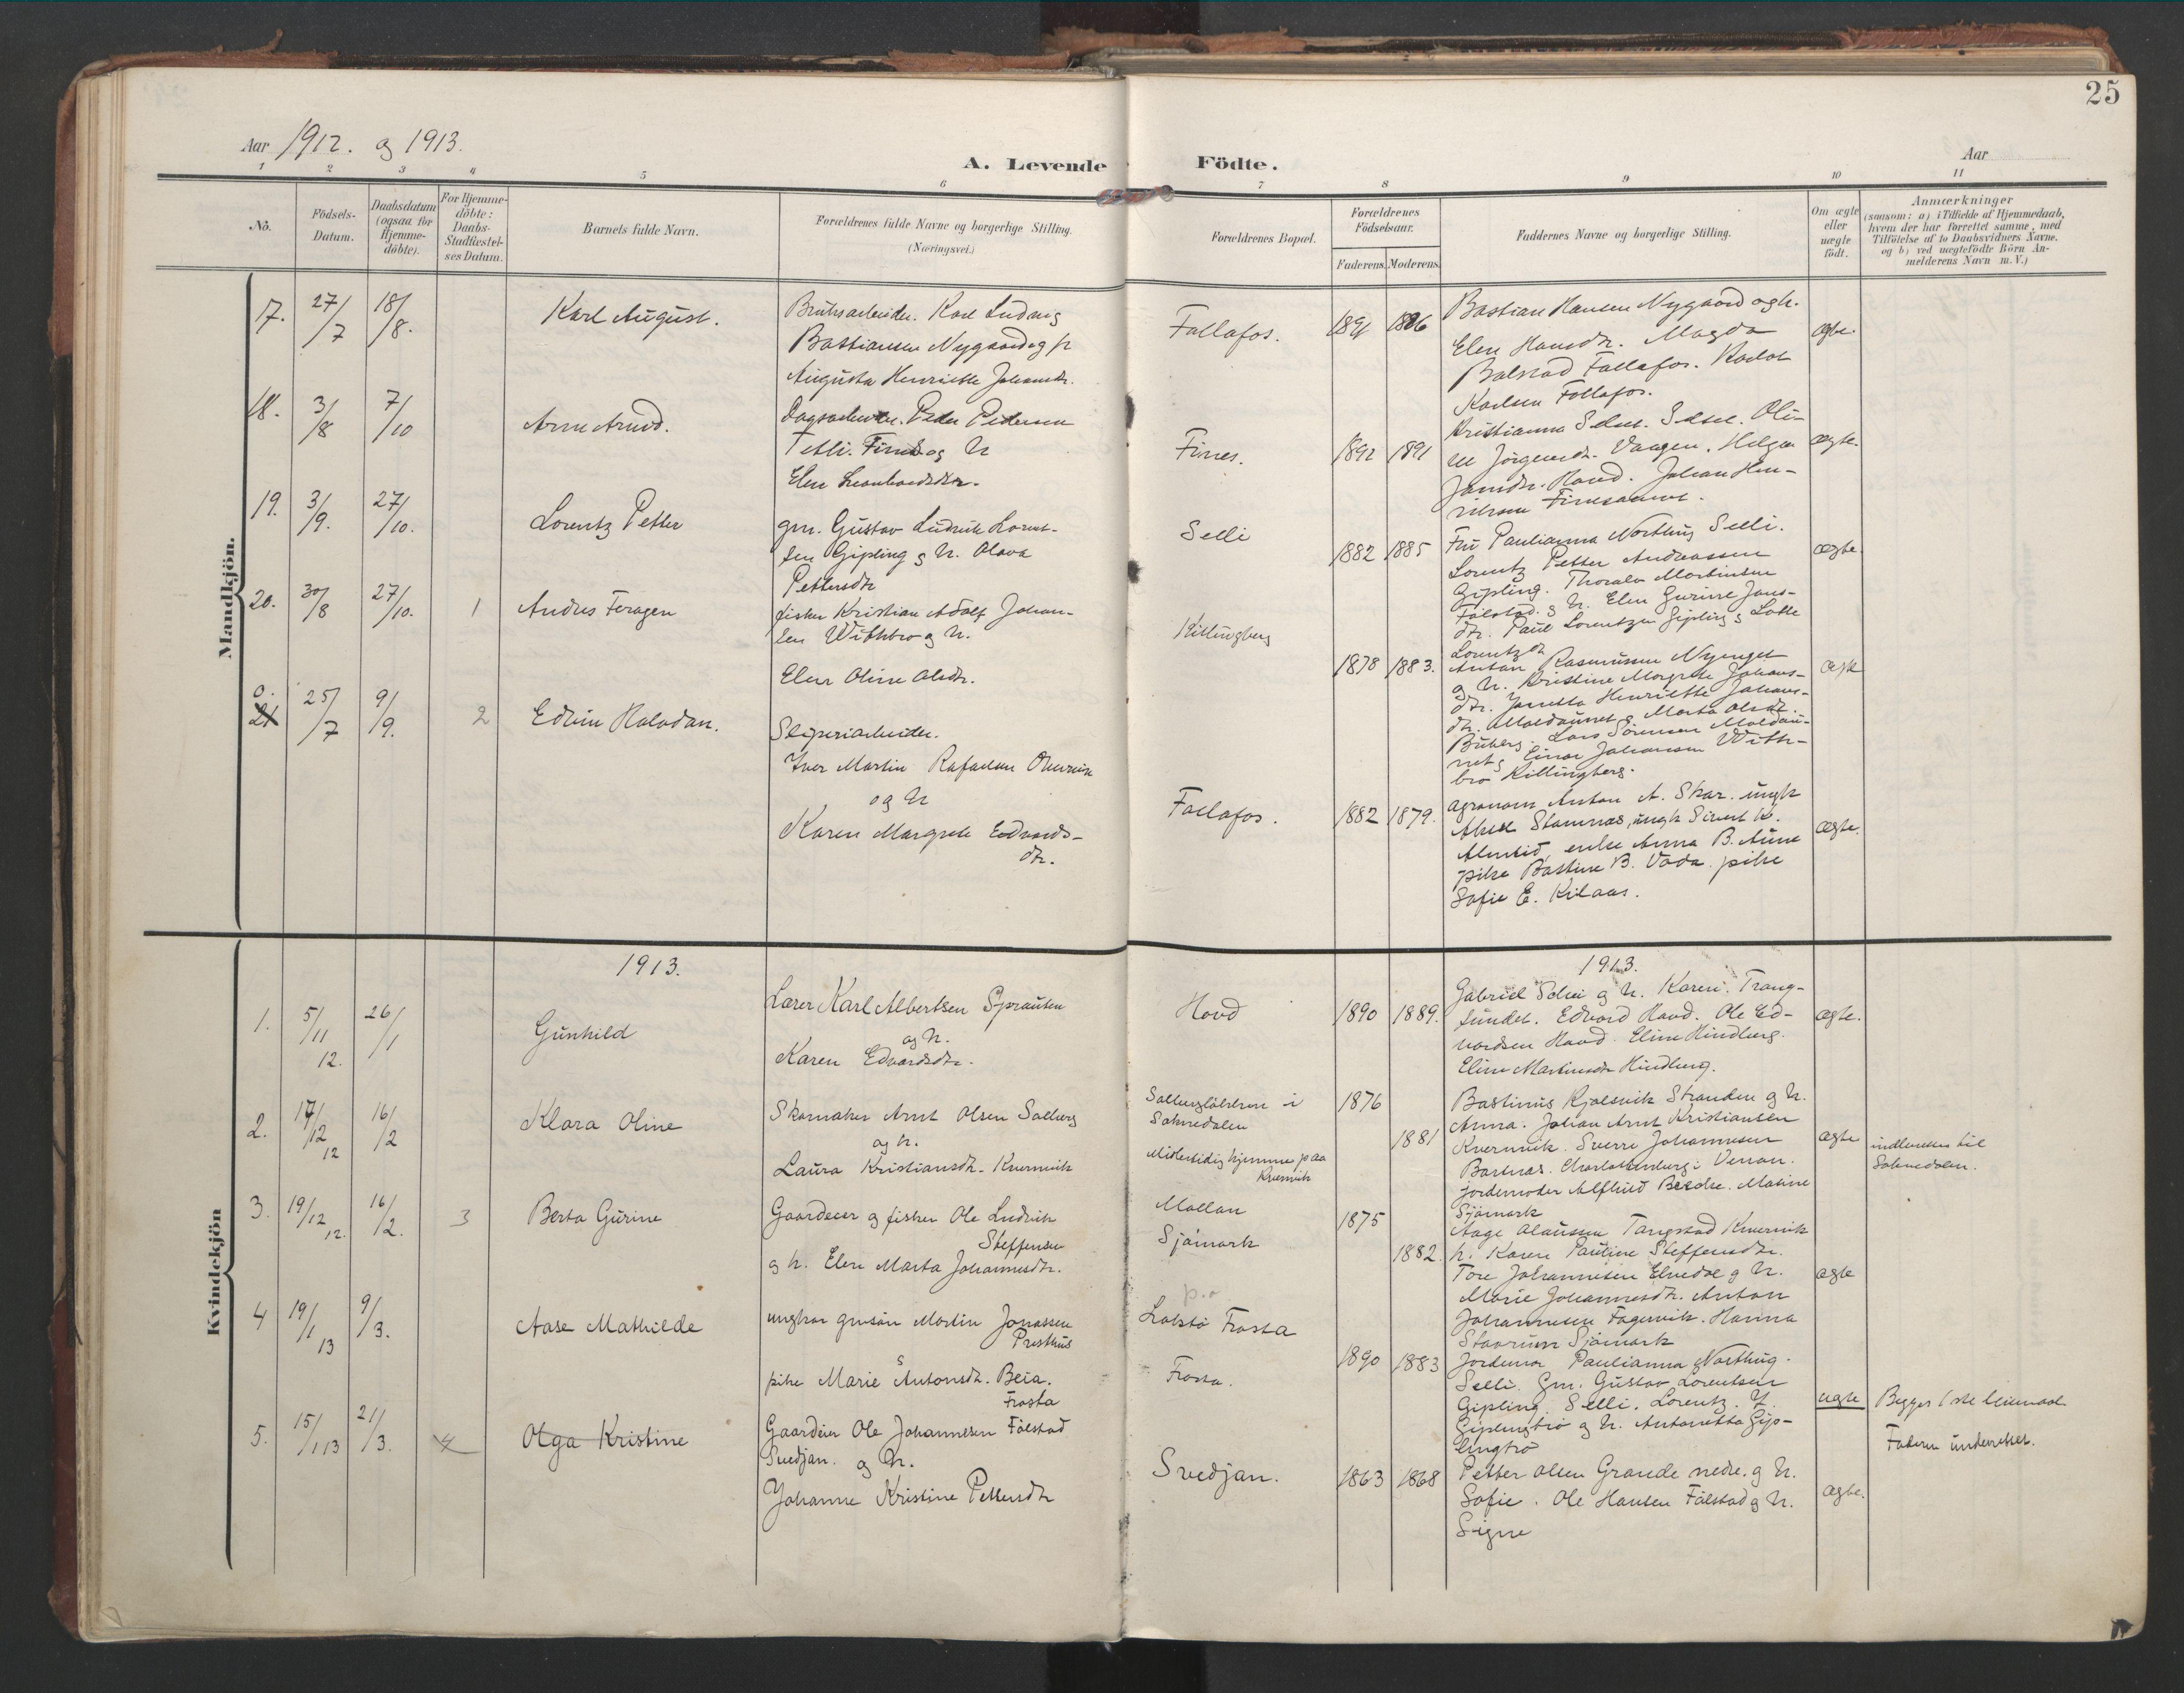 SAT, Ministerialprotokoller, klokkerbøker og fødselsregistre - Nord-Trøndelag, 744/L0421: Ministerialbok nr. 744A05, 1905-1930, s. 25